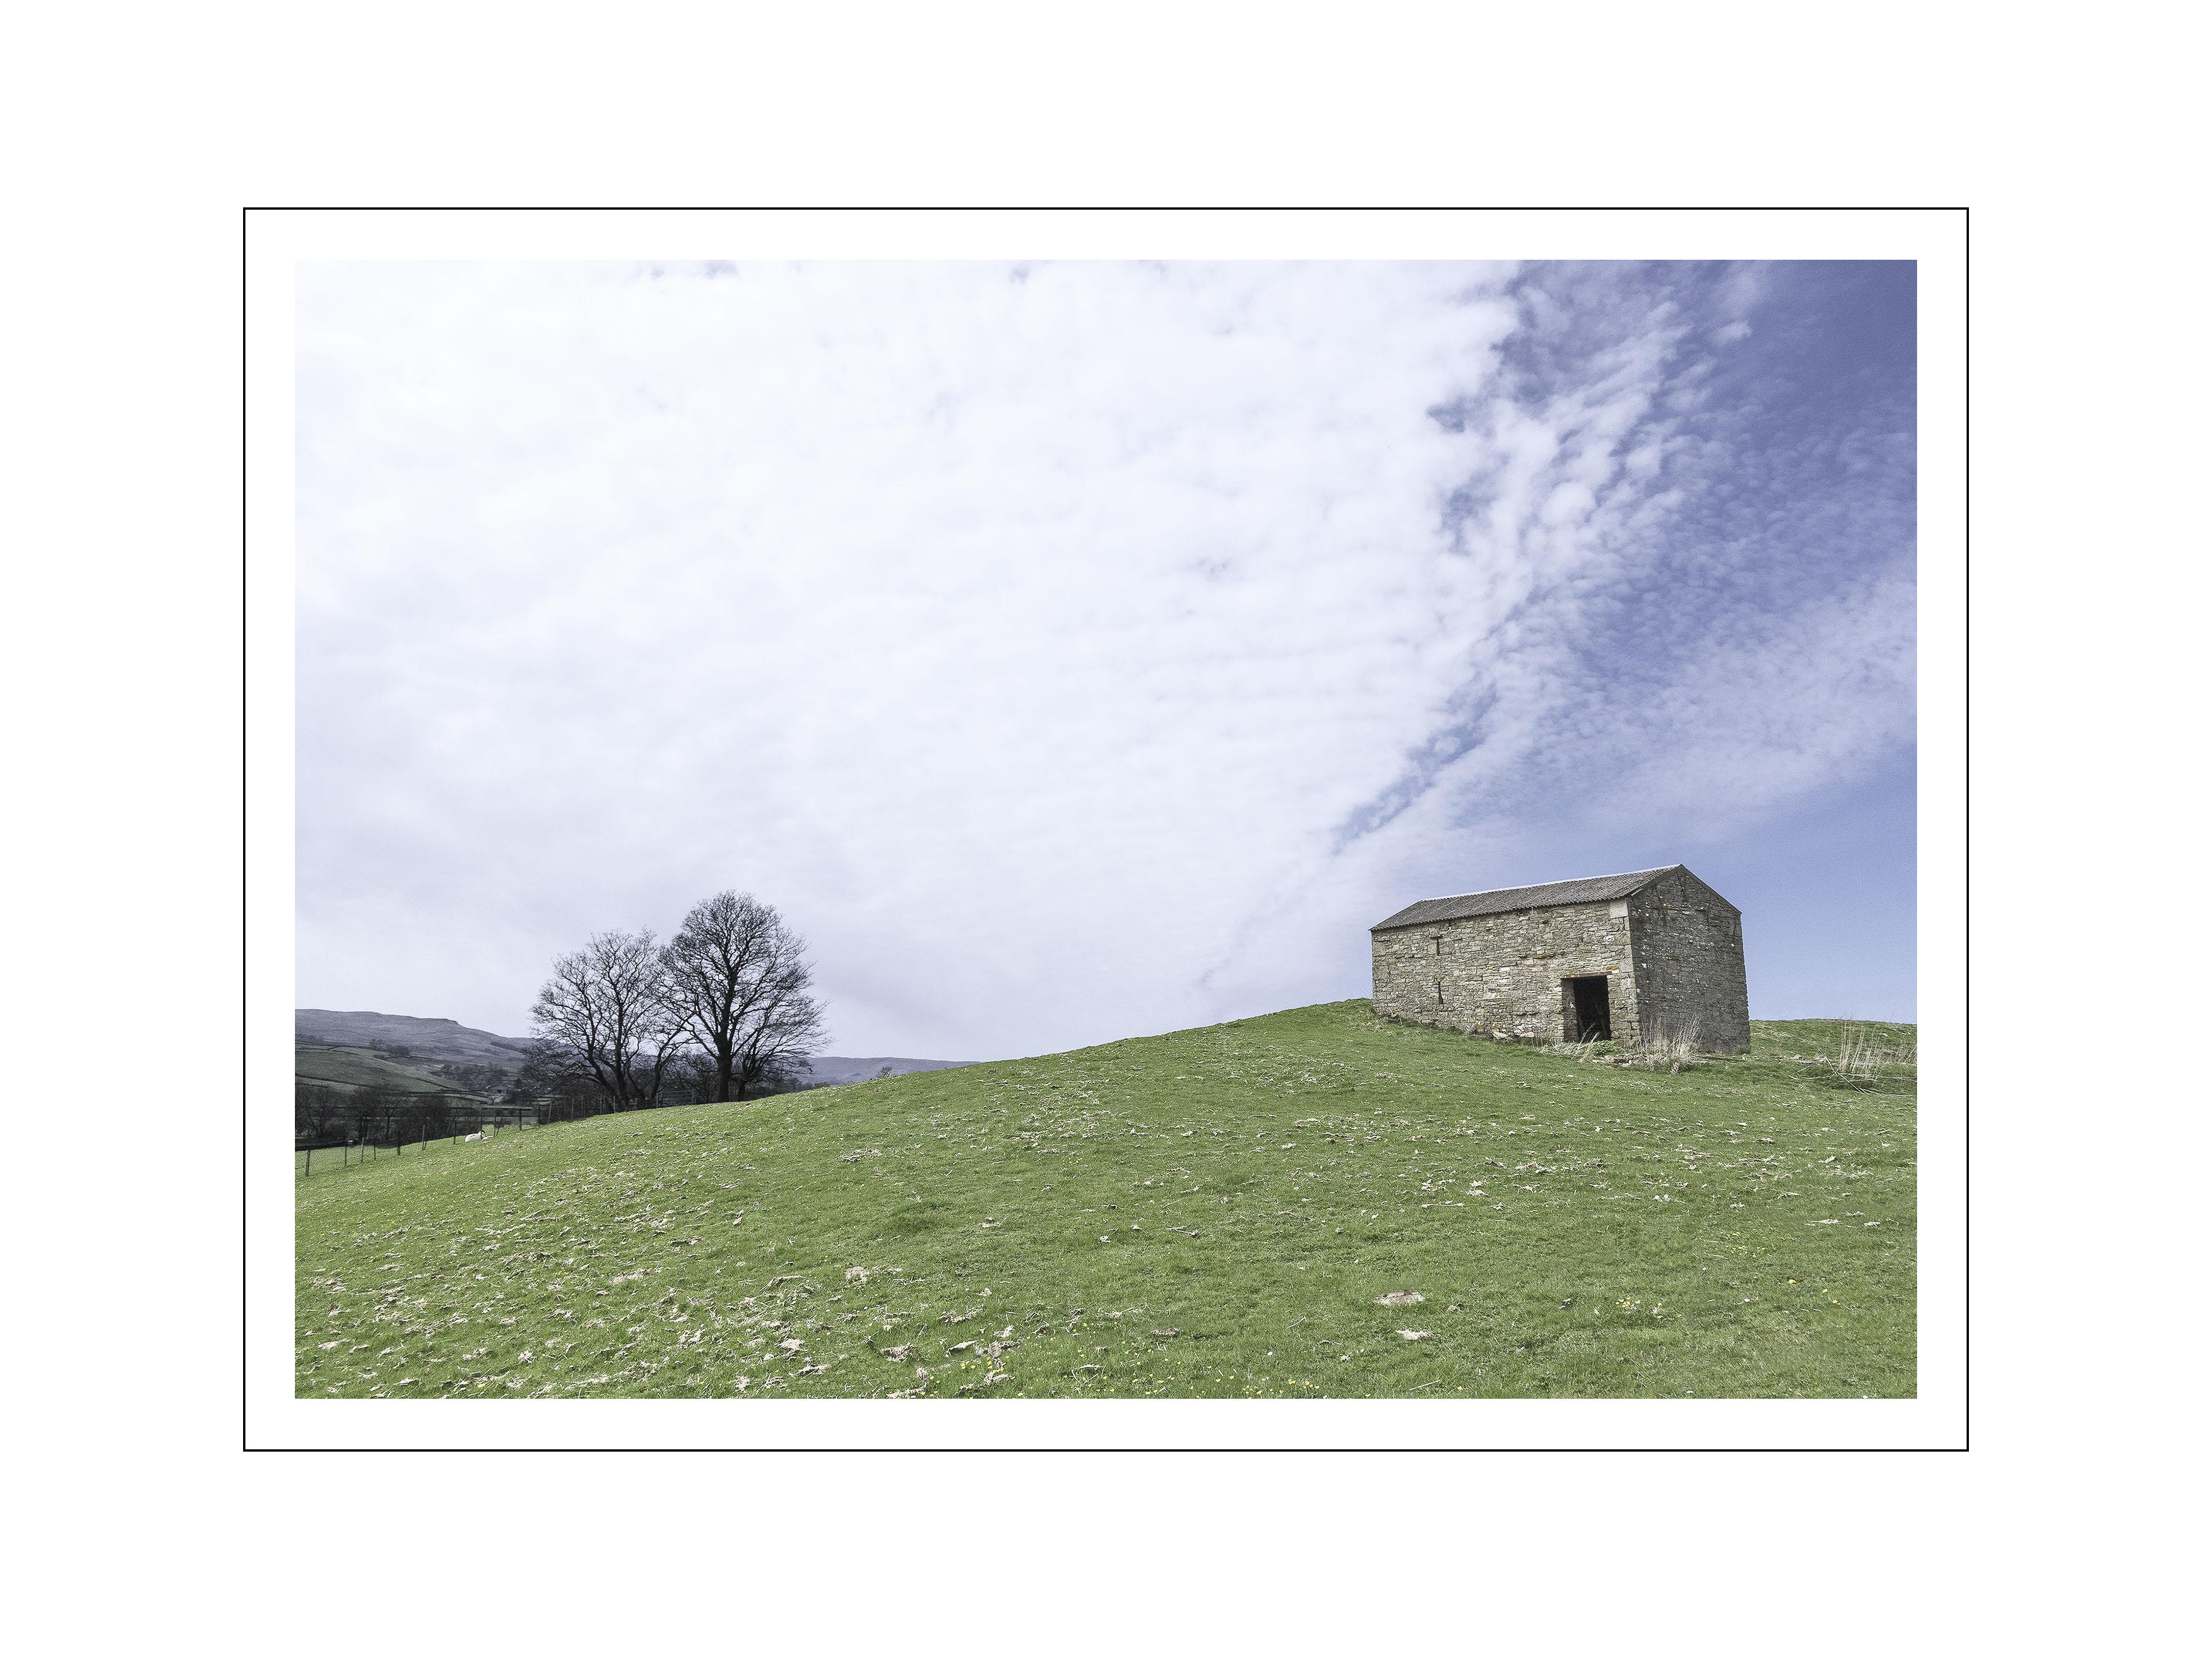 yorkshire-dales-colour-12x16-copy